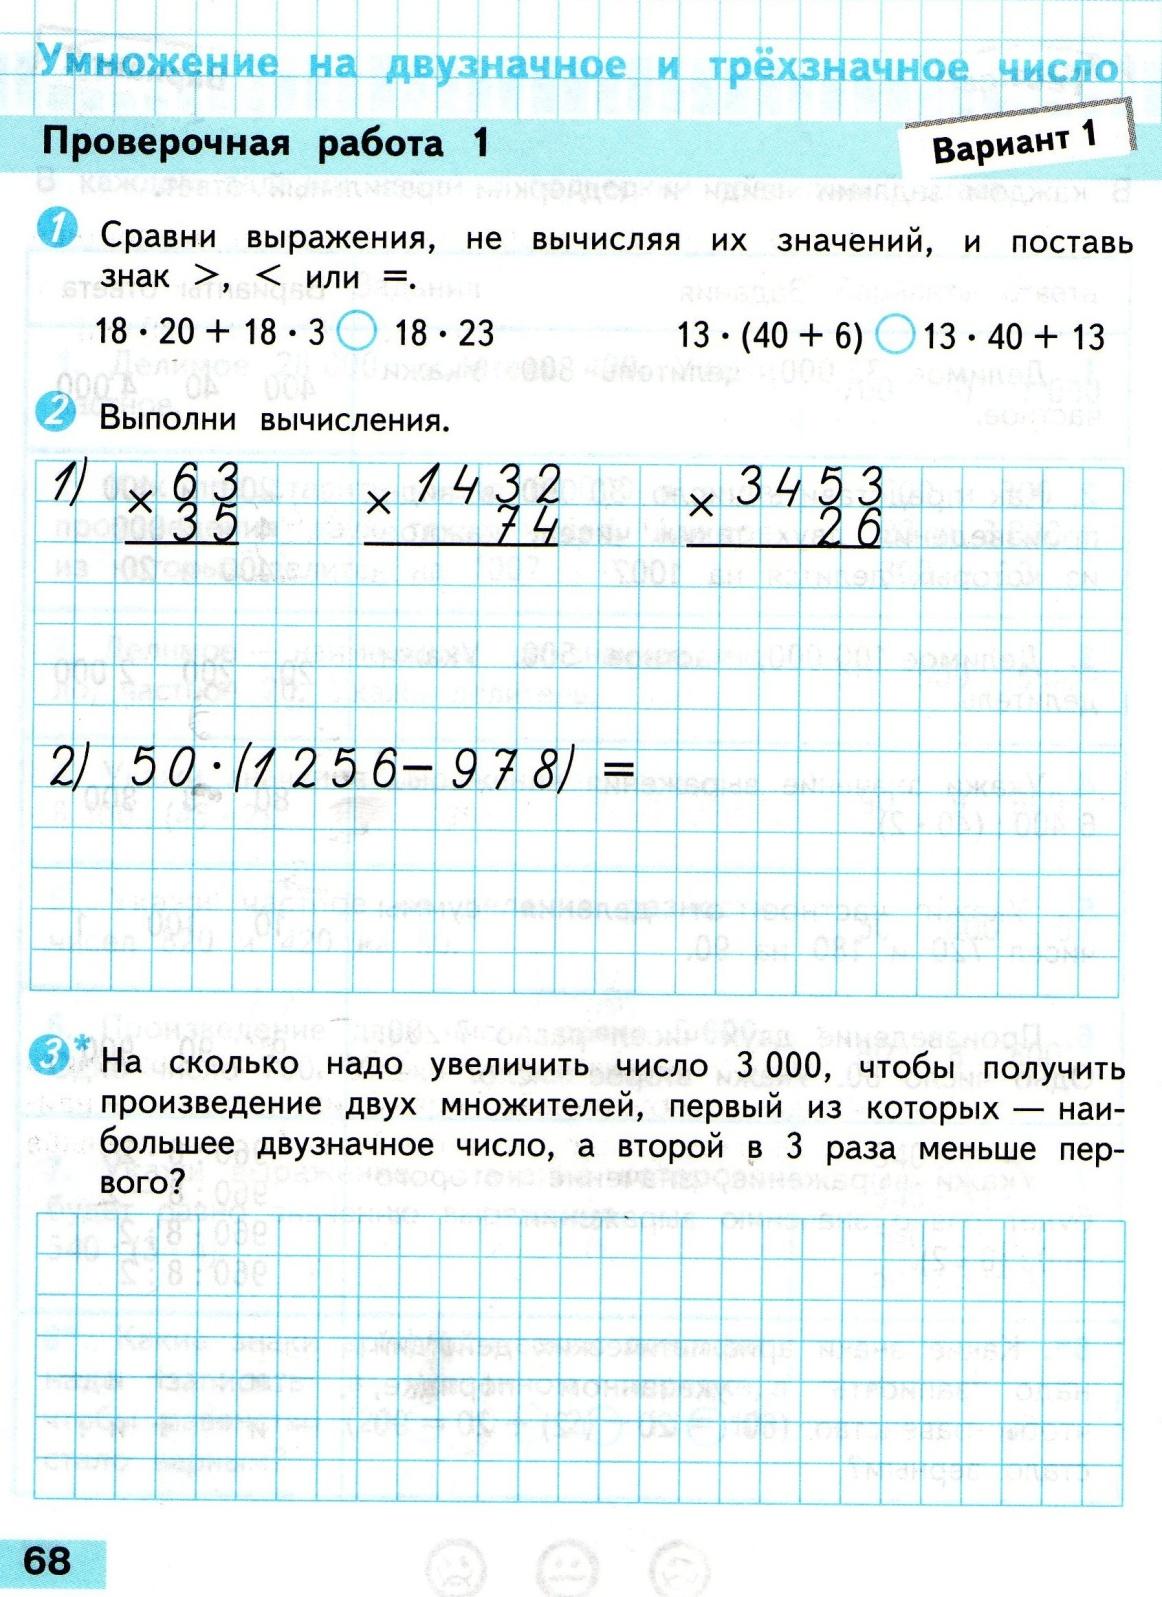 C:\Documents and Settings\Admin\Мои документы\Мои рисунки\1567.jpg